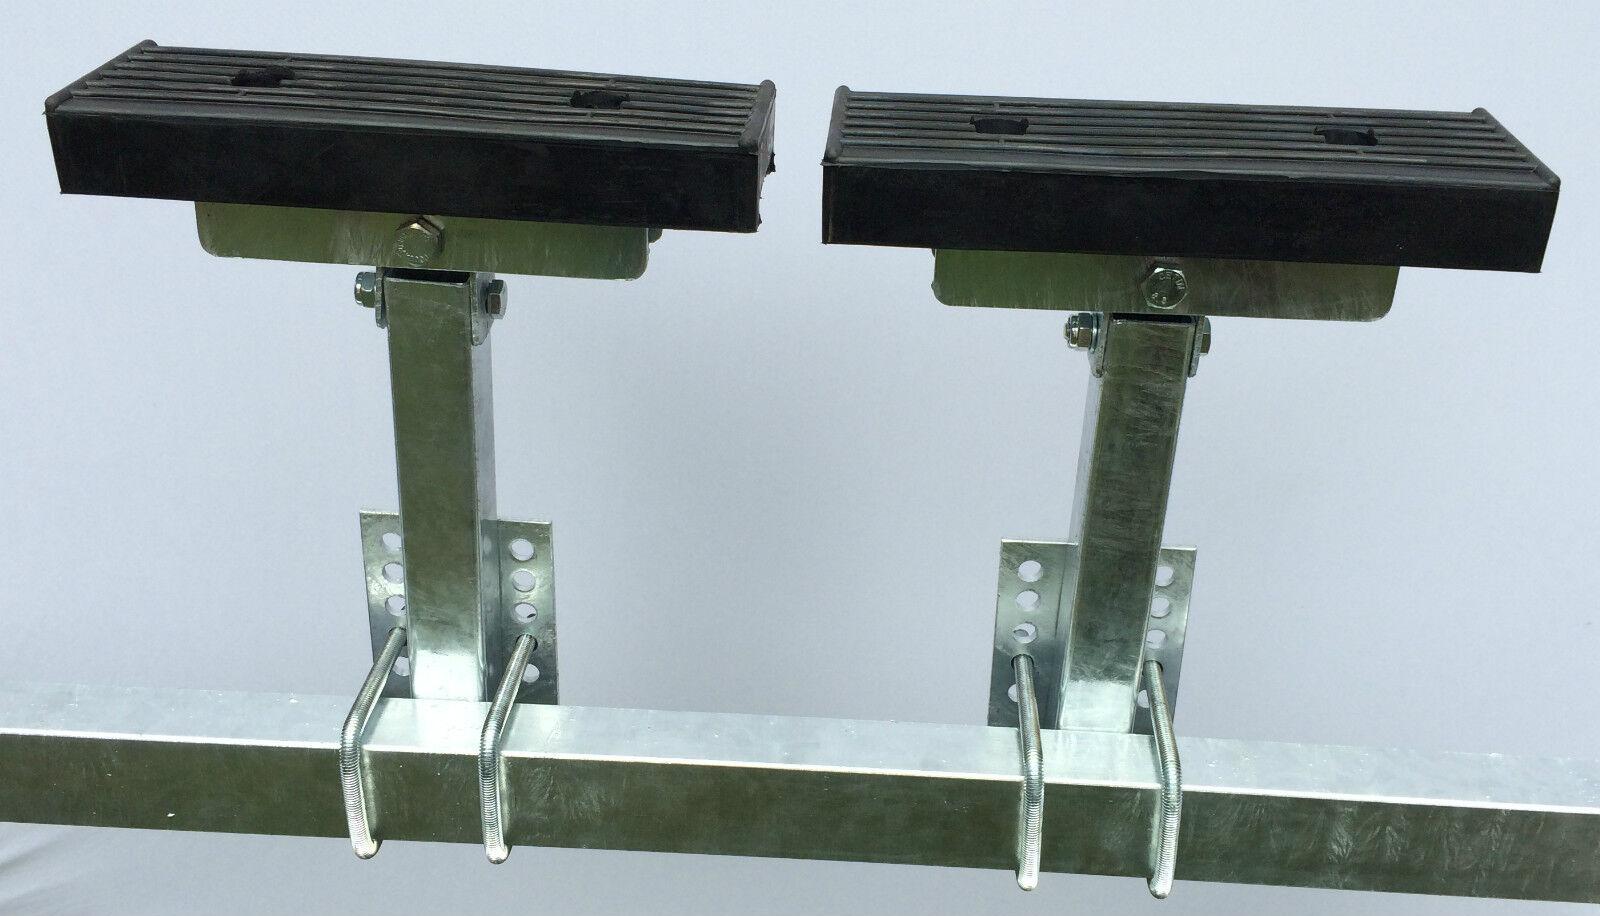 Langauflagen für Stiefeltrailer, Stiefeltrailer, für Stiefelauflage,1Paar, 2 Stützenlängen wählbar 175c41